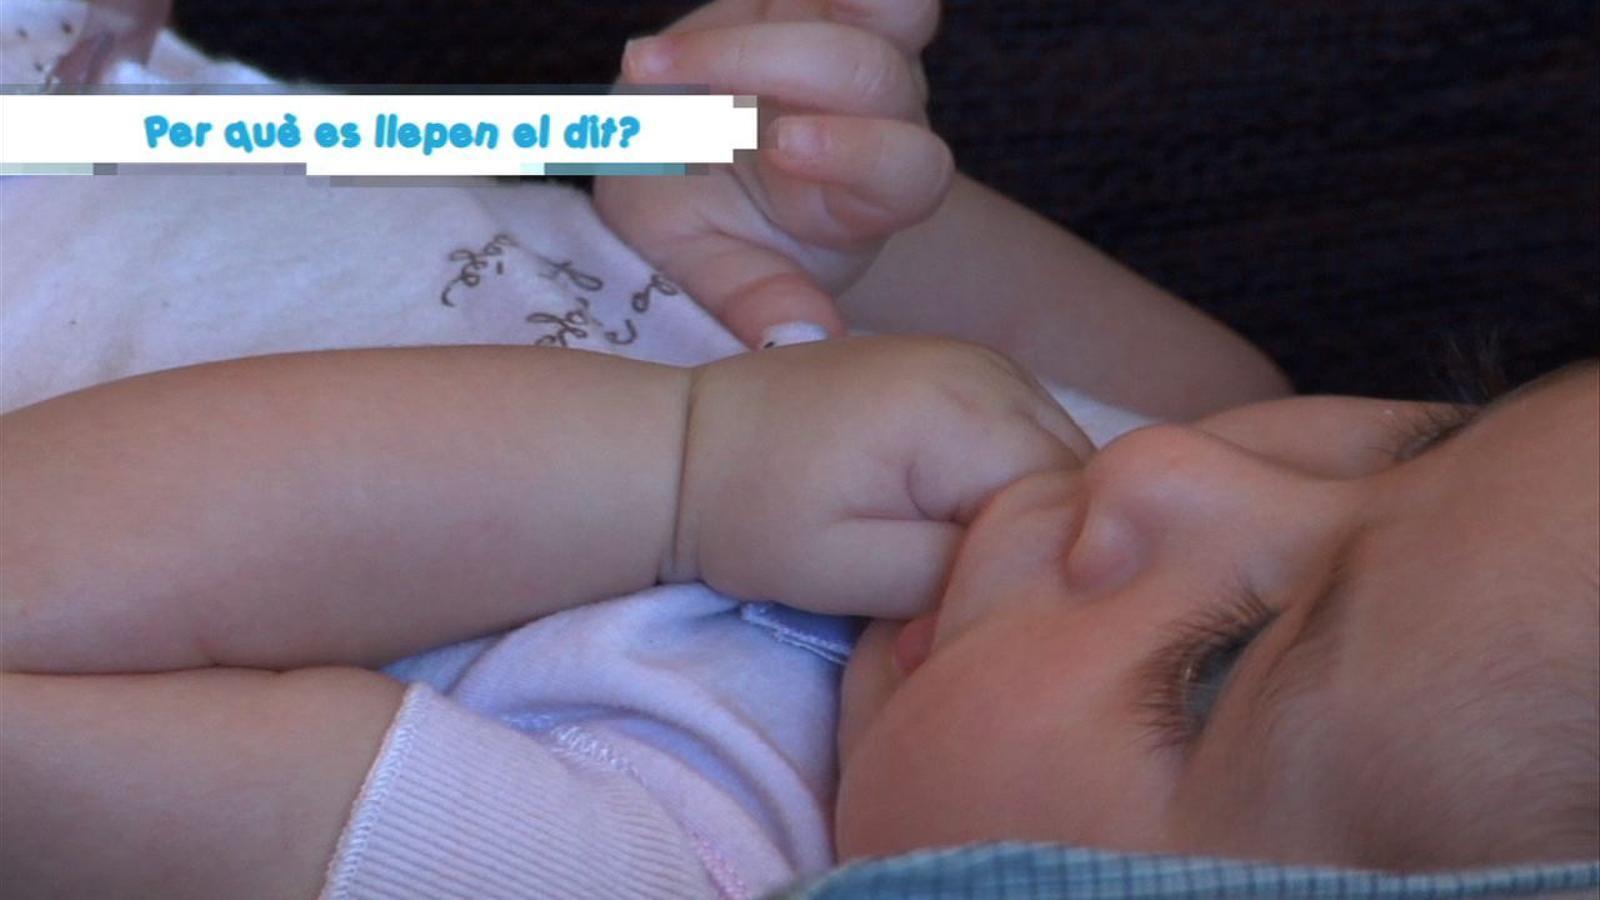 Criatures: Per què els nadons es llepen el dit?